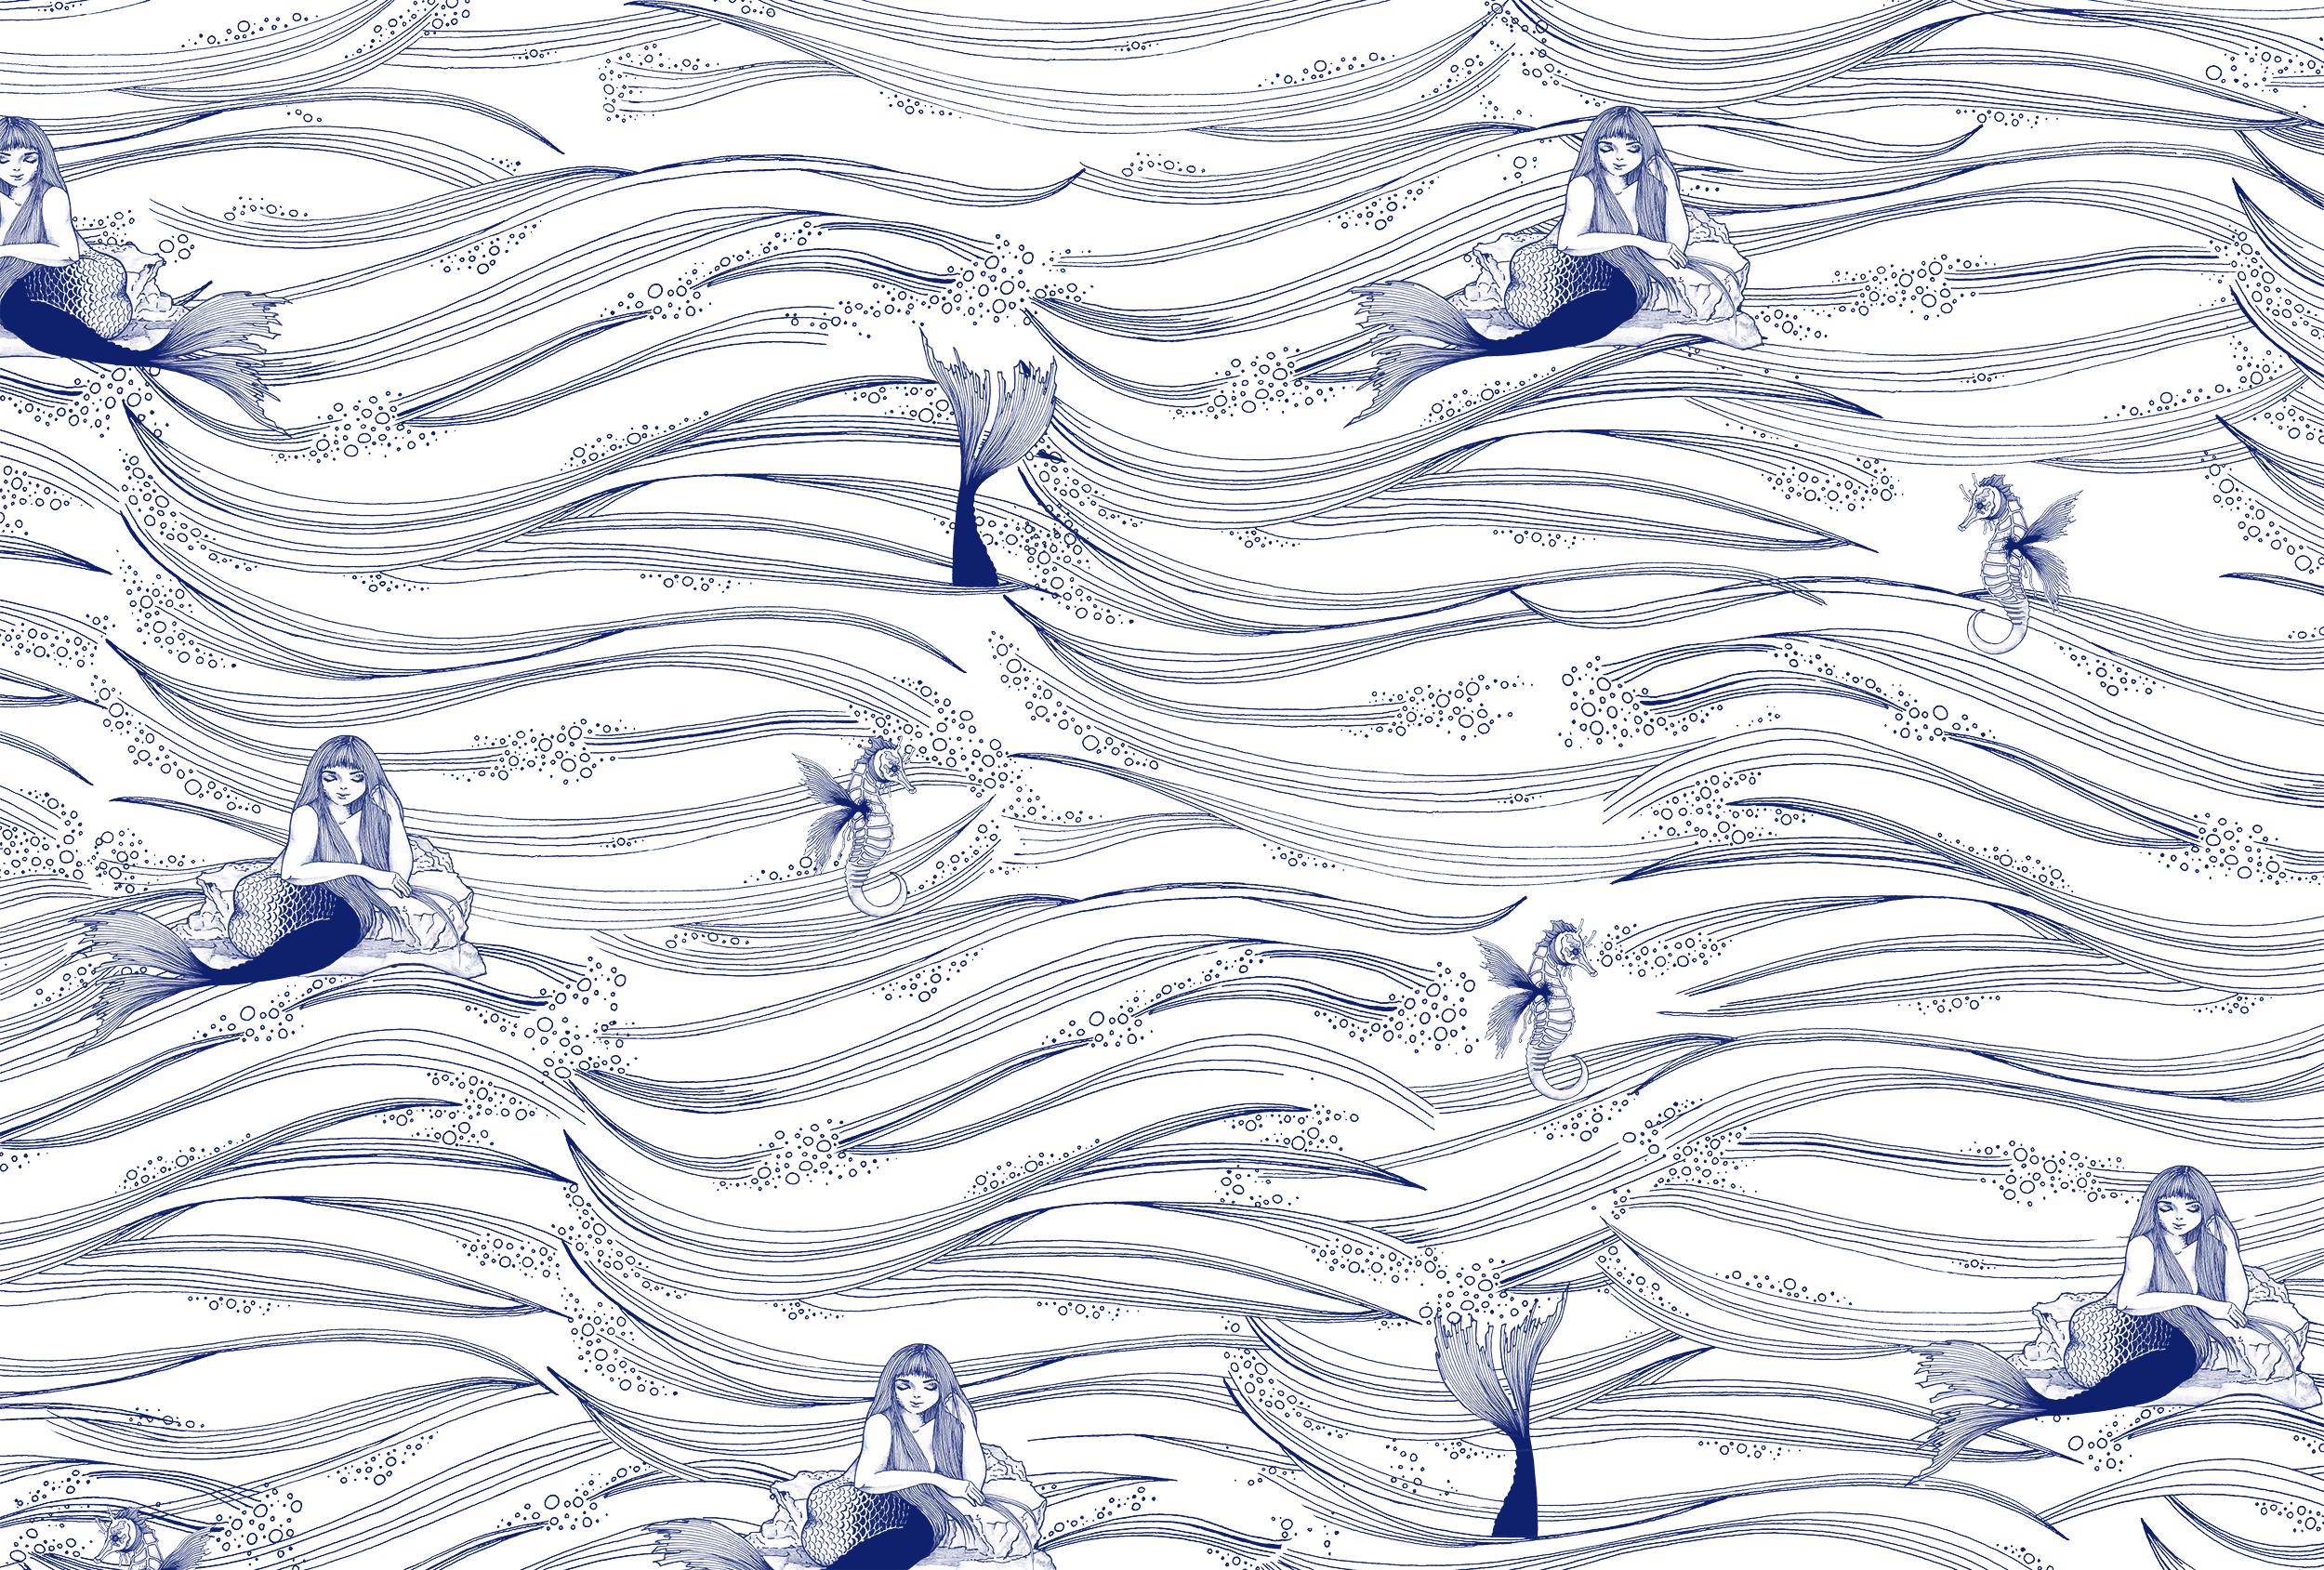 ULTRAMAR  De inspiración japonesa con un toque de humor, en Ultramar se combina un dibujo sintético y sutil con puntos de atención llenos de detalle. Es una mirada actual a las sirenas, figuras mitológicas que reinterpretamos como seductoras pero divertidas.